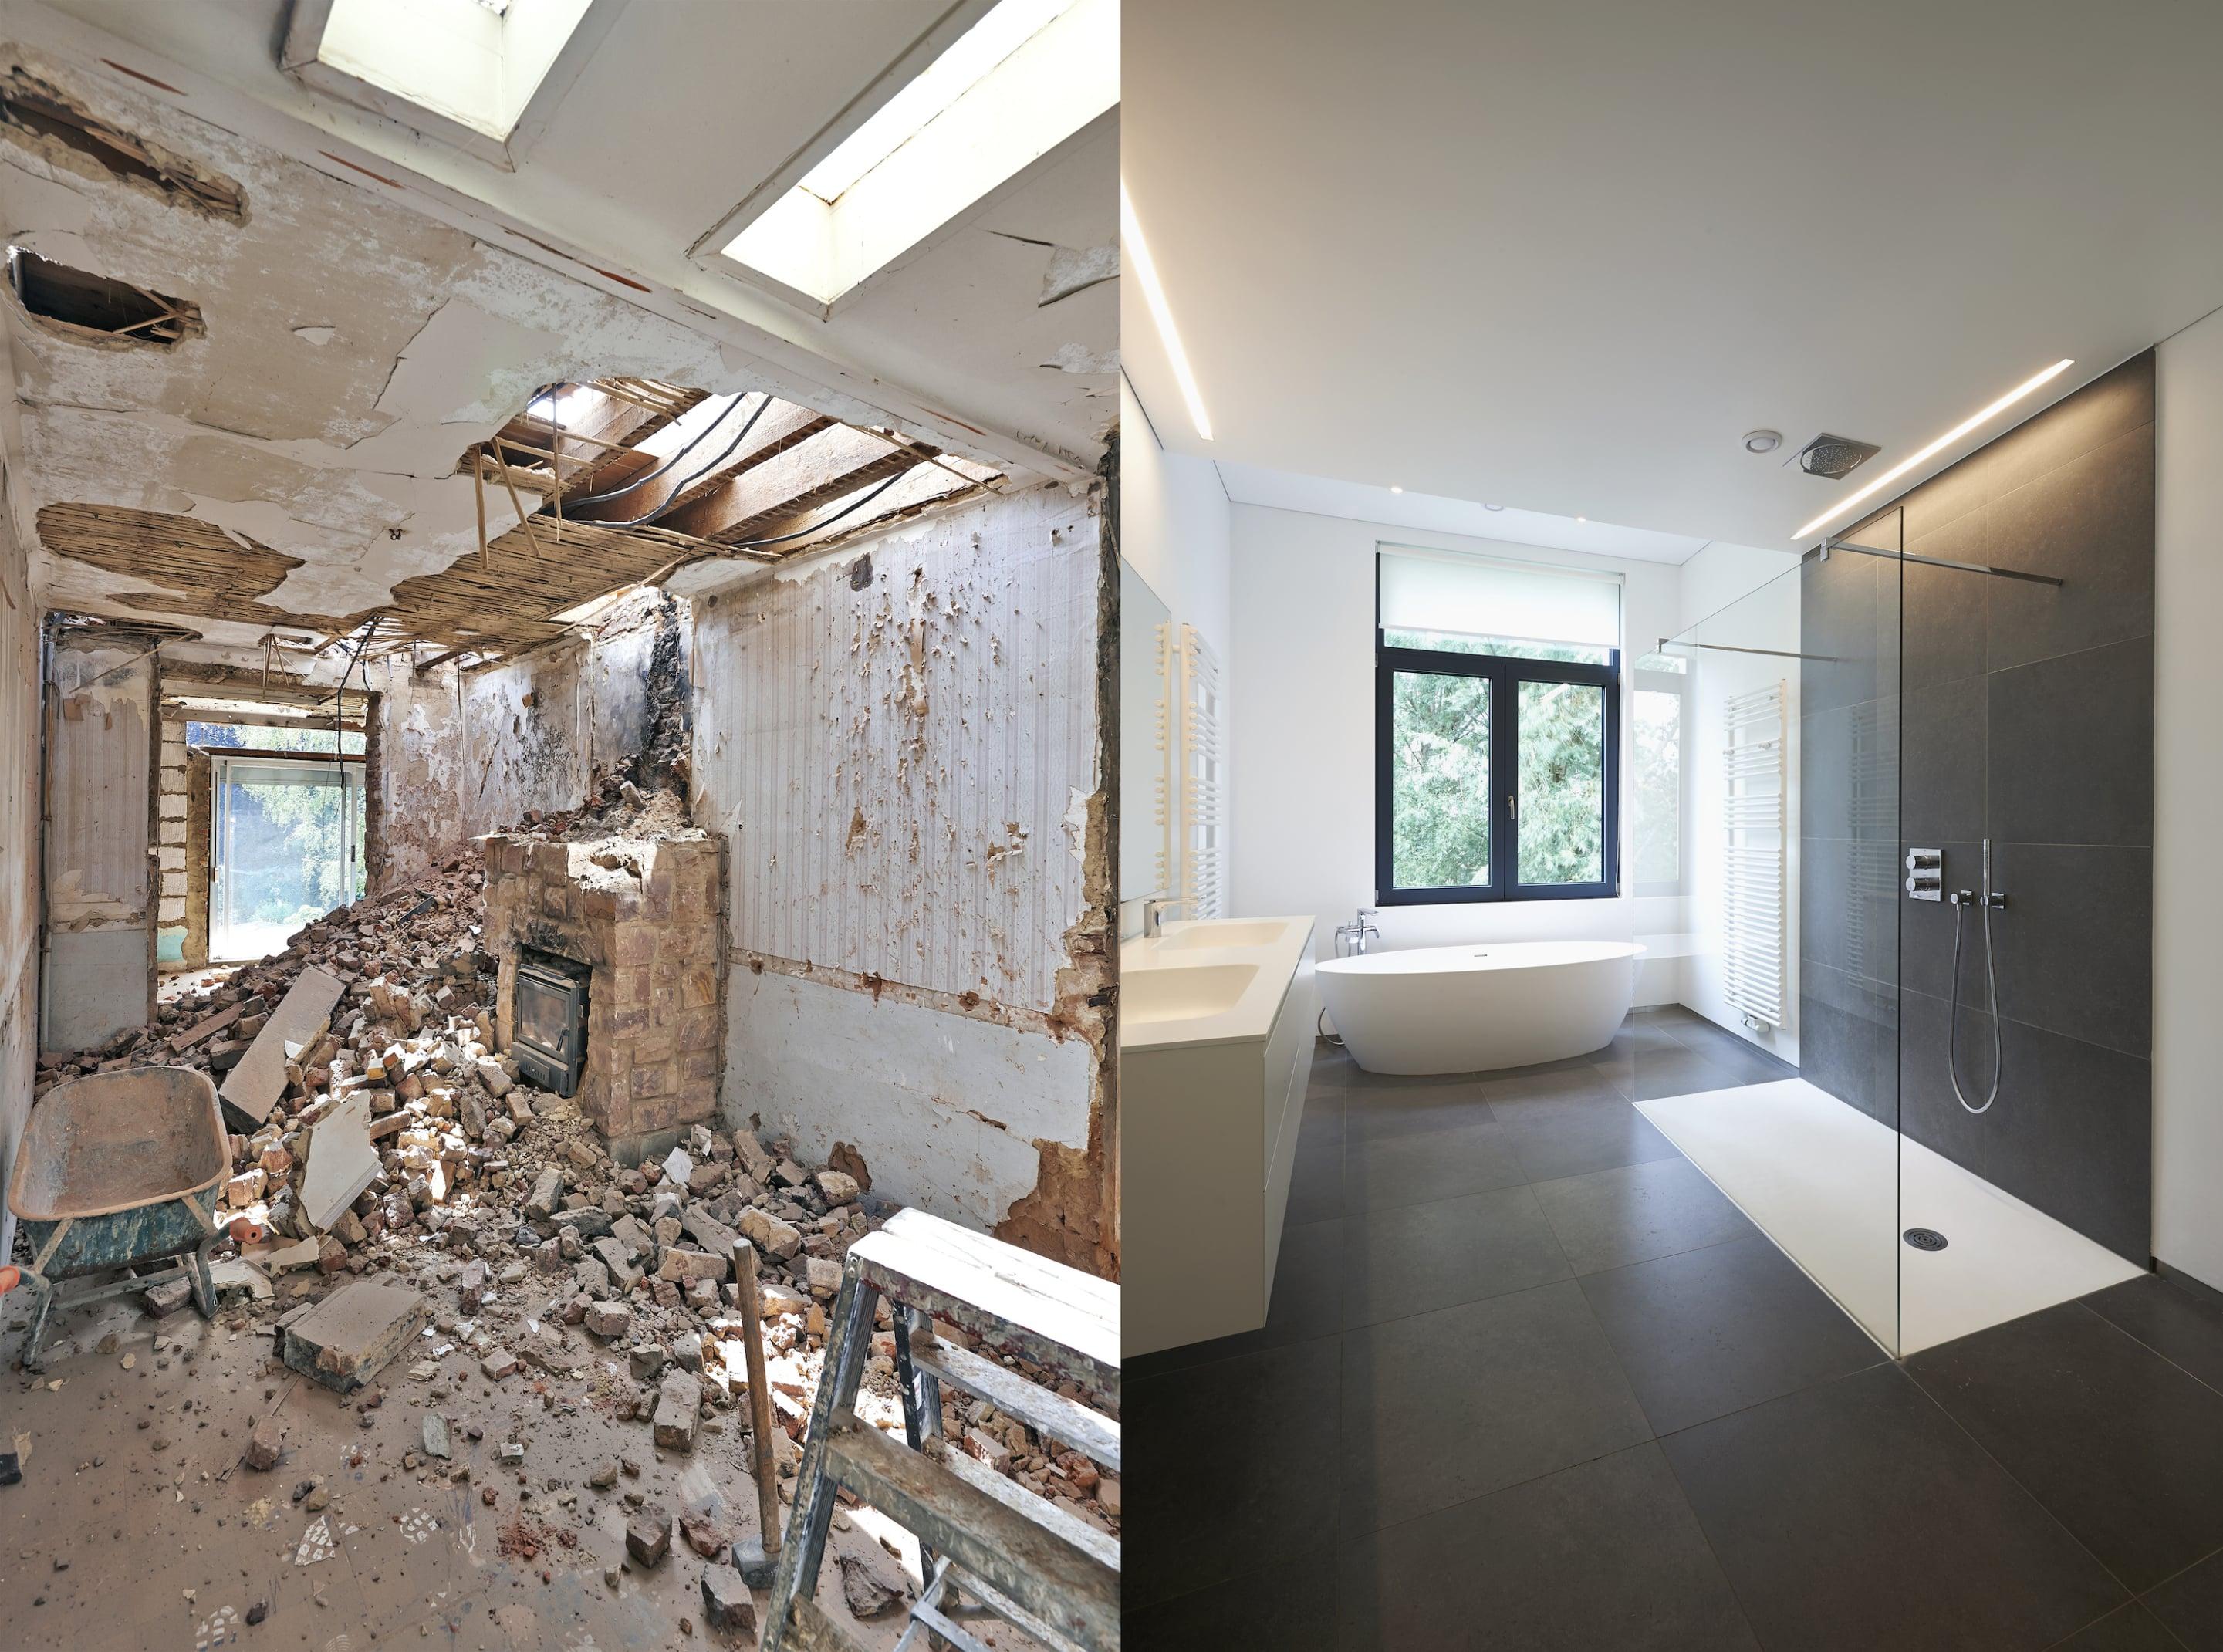 Budgetiser La Renovation D Une Salle De Bain